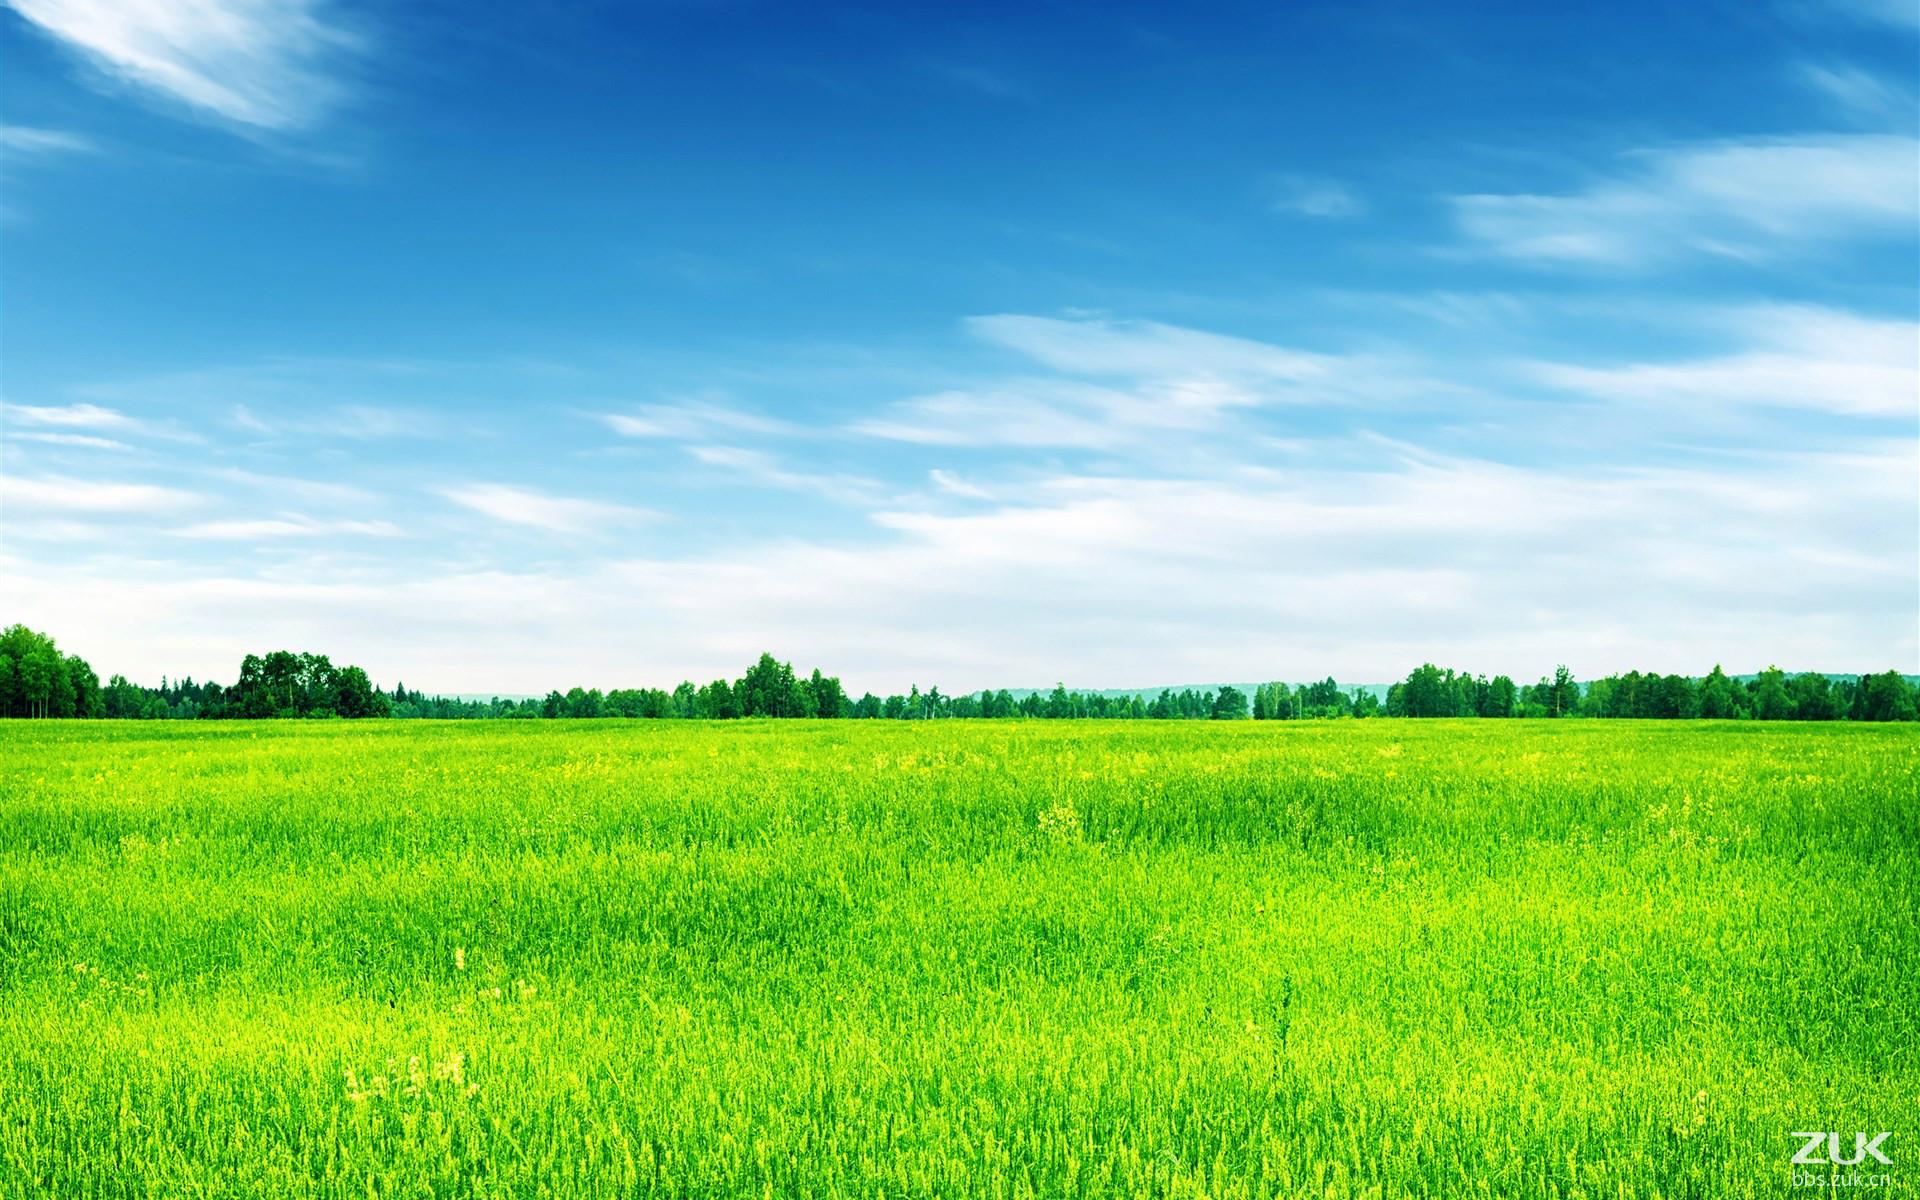 壁纸 草原 成片种植 风景 植物 种植基地 桌面 1920_1200